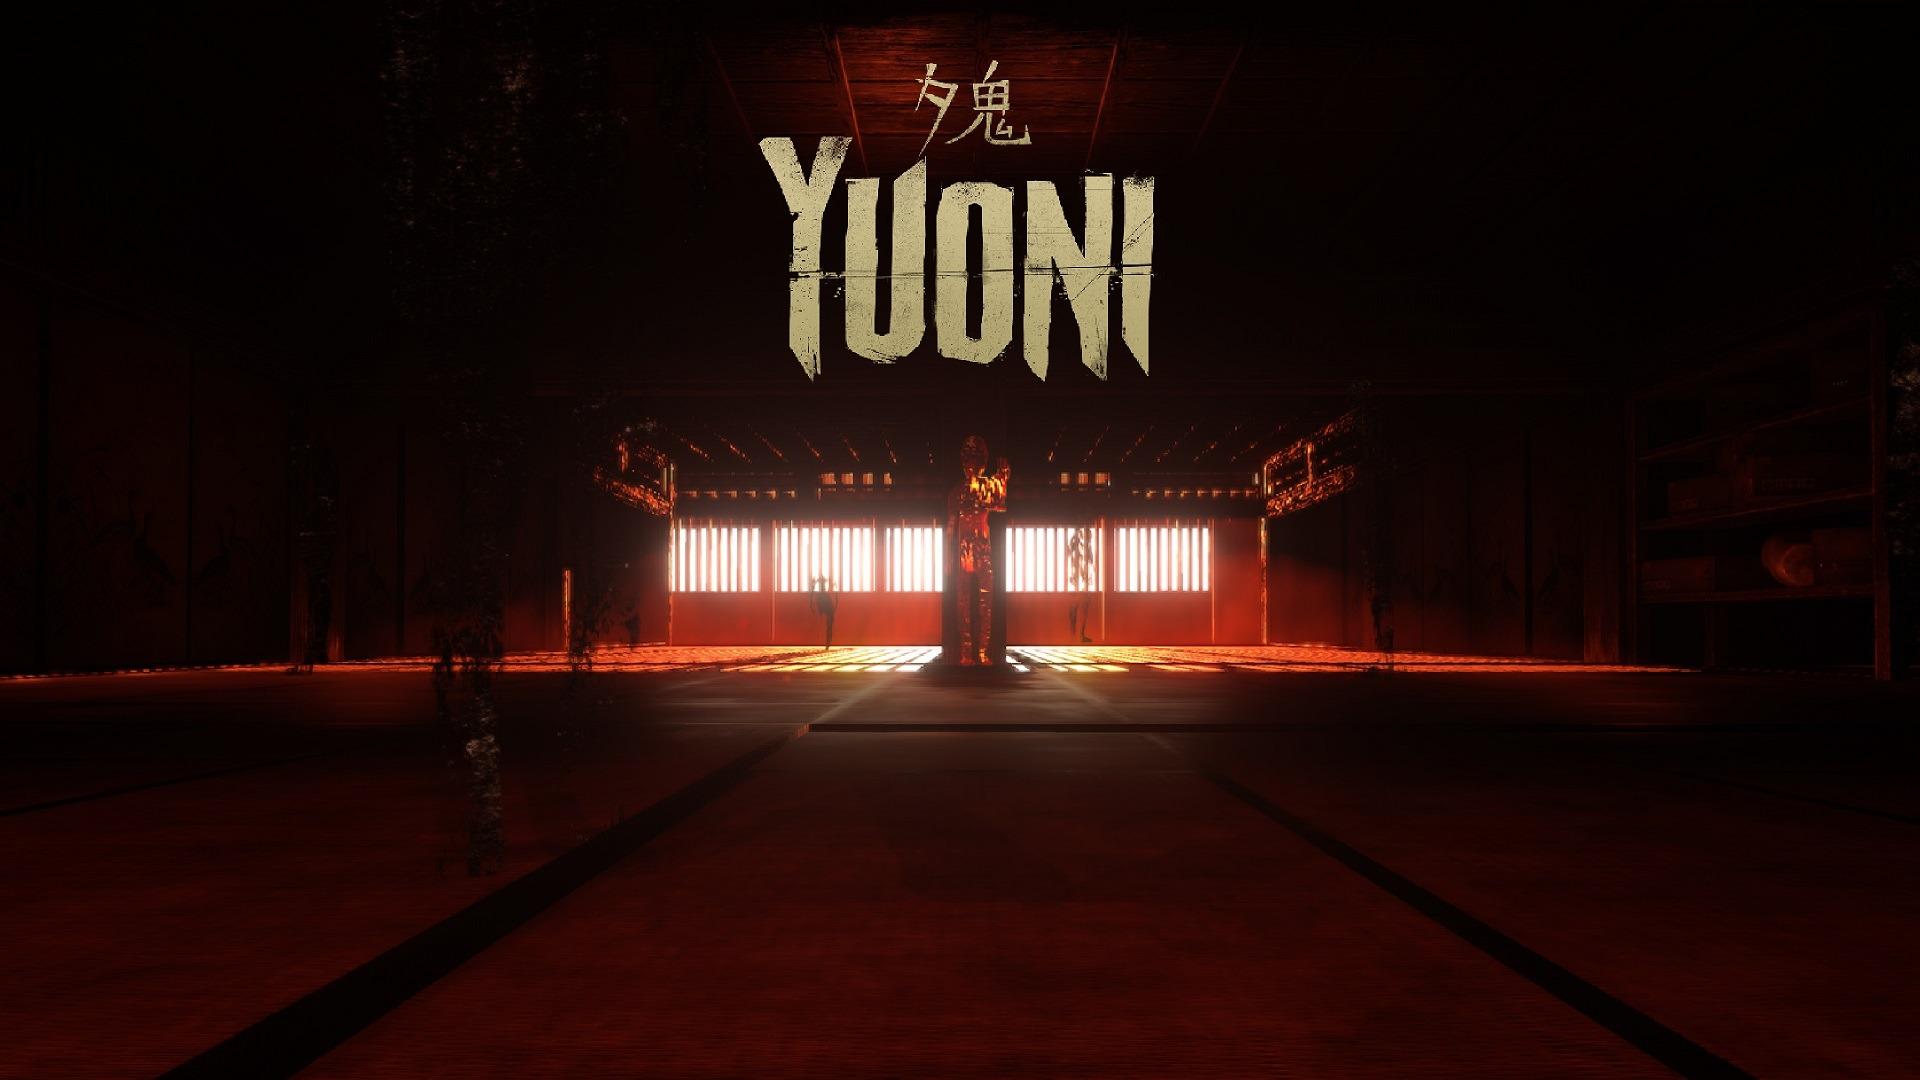 TEST Yuoni XWFR